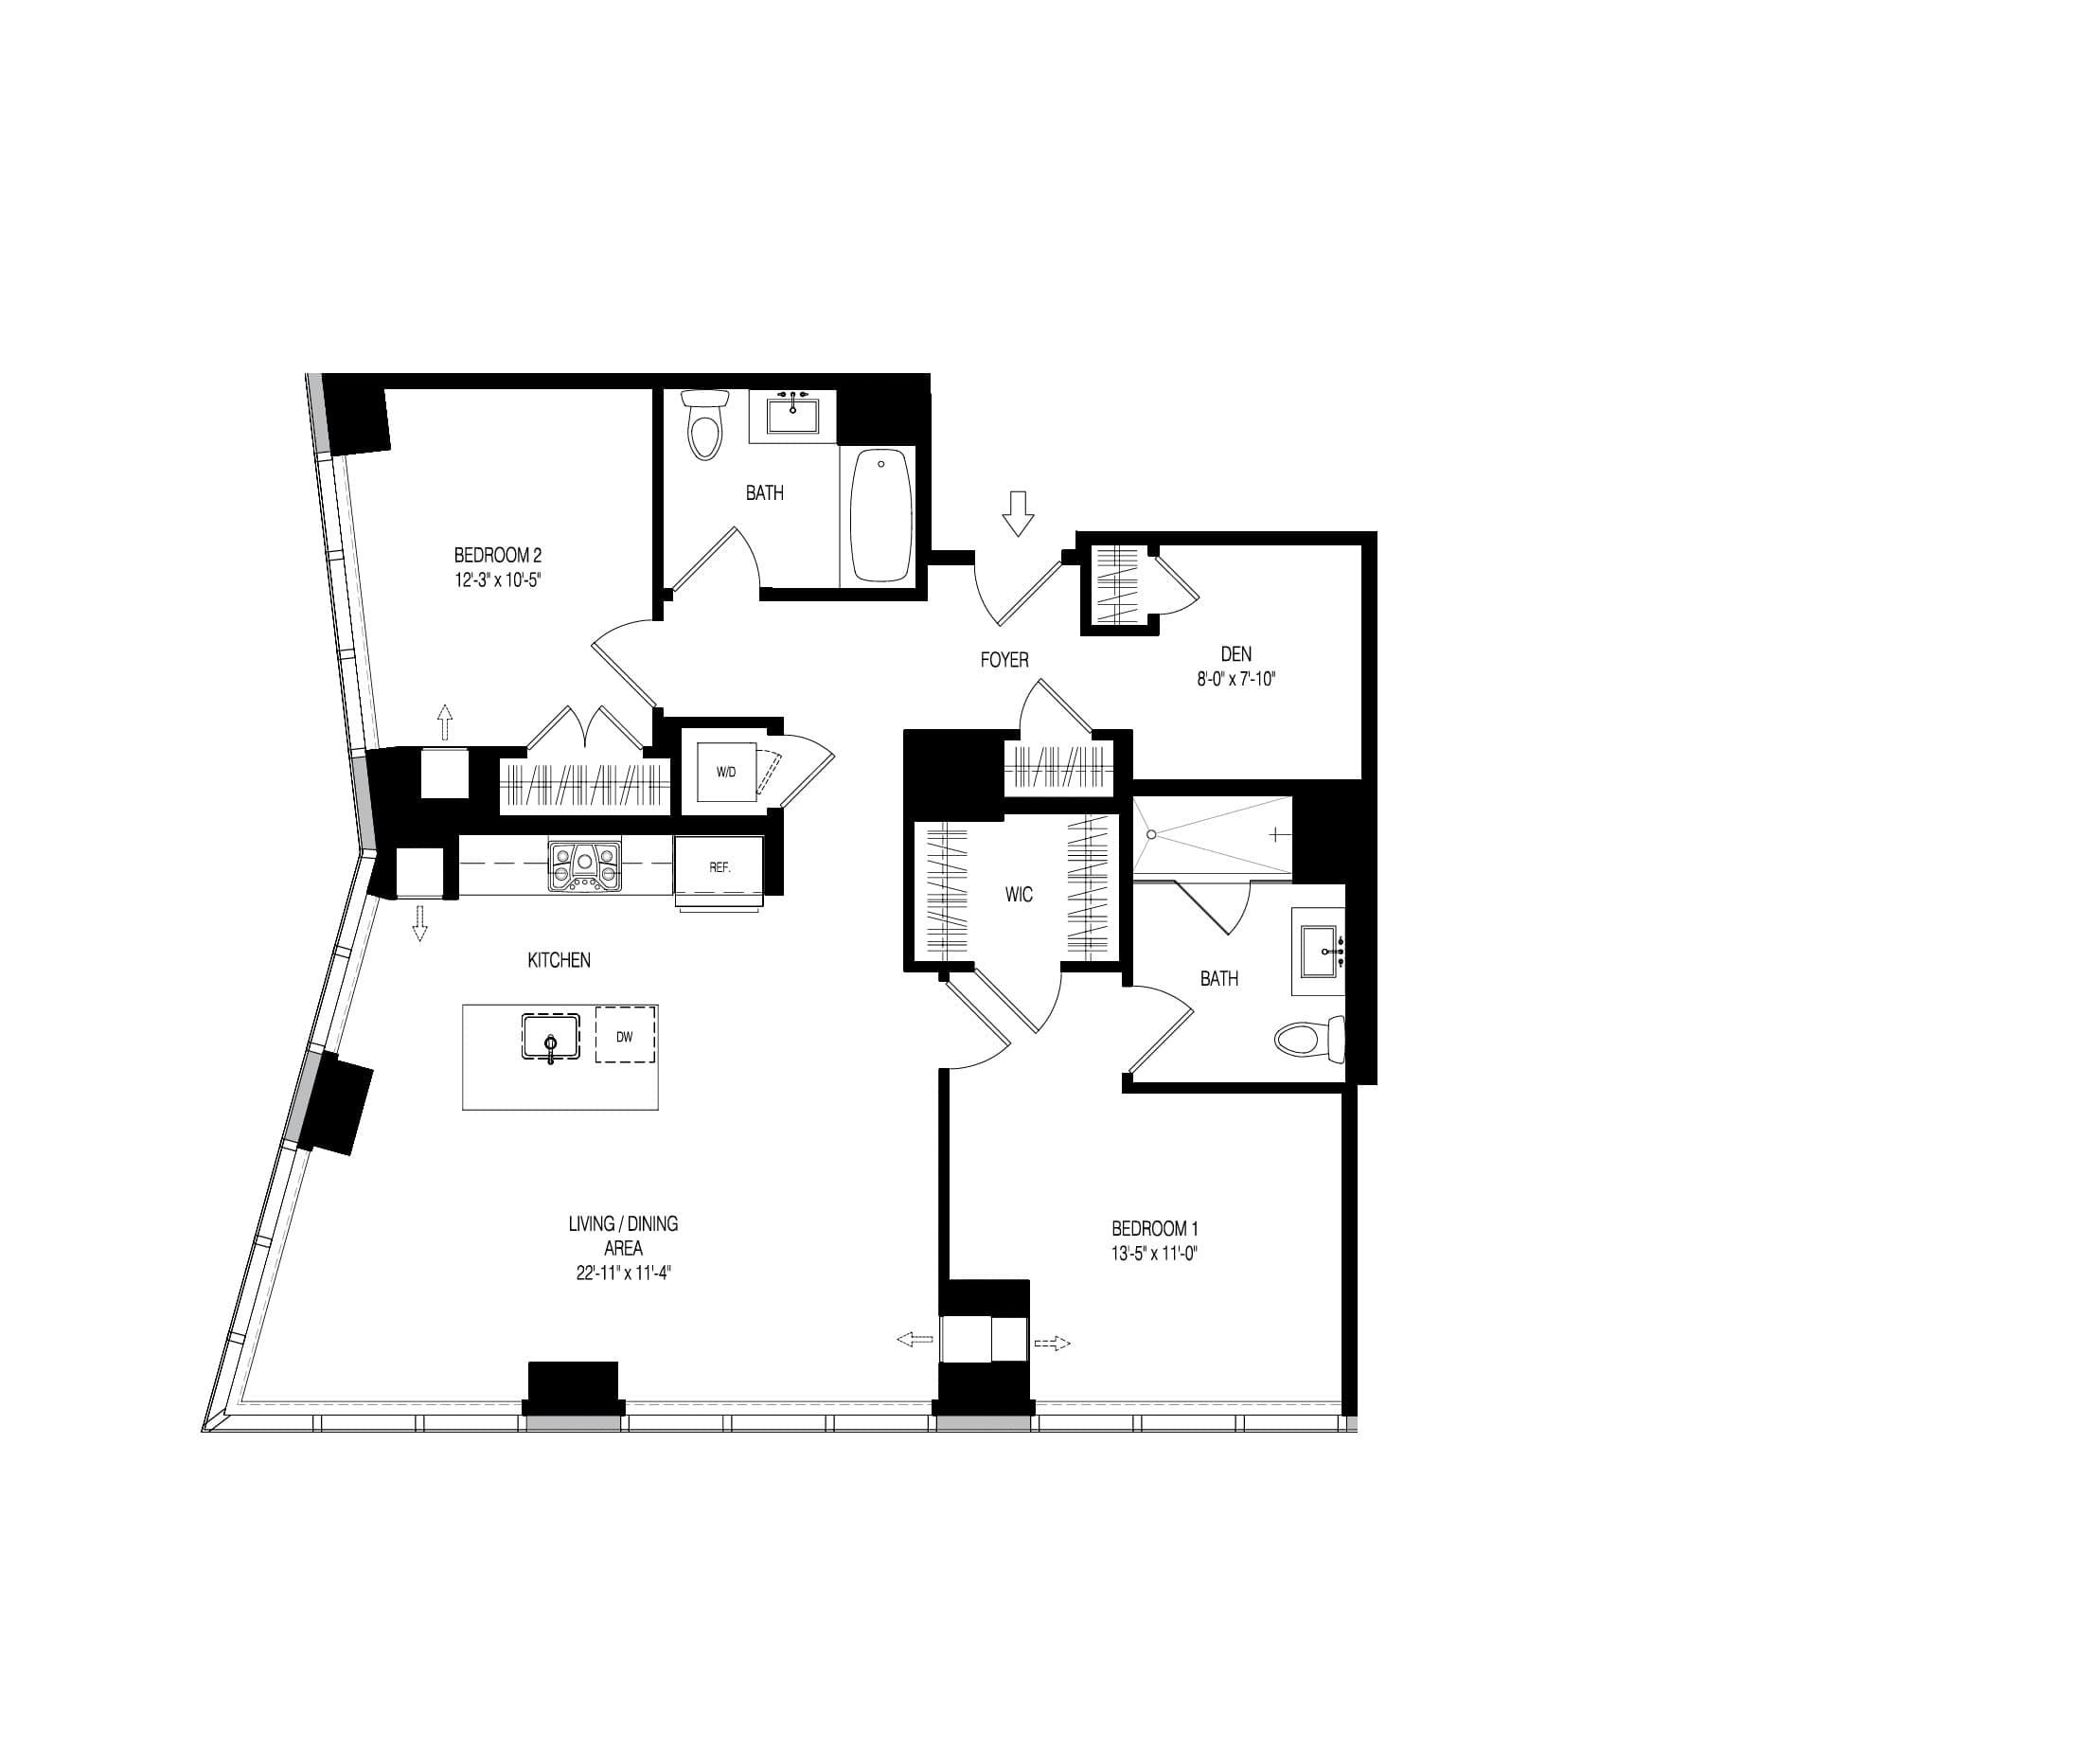 1218 sq ft 2 bedroom